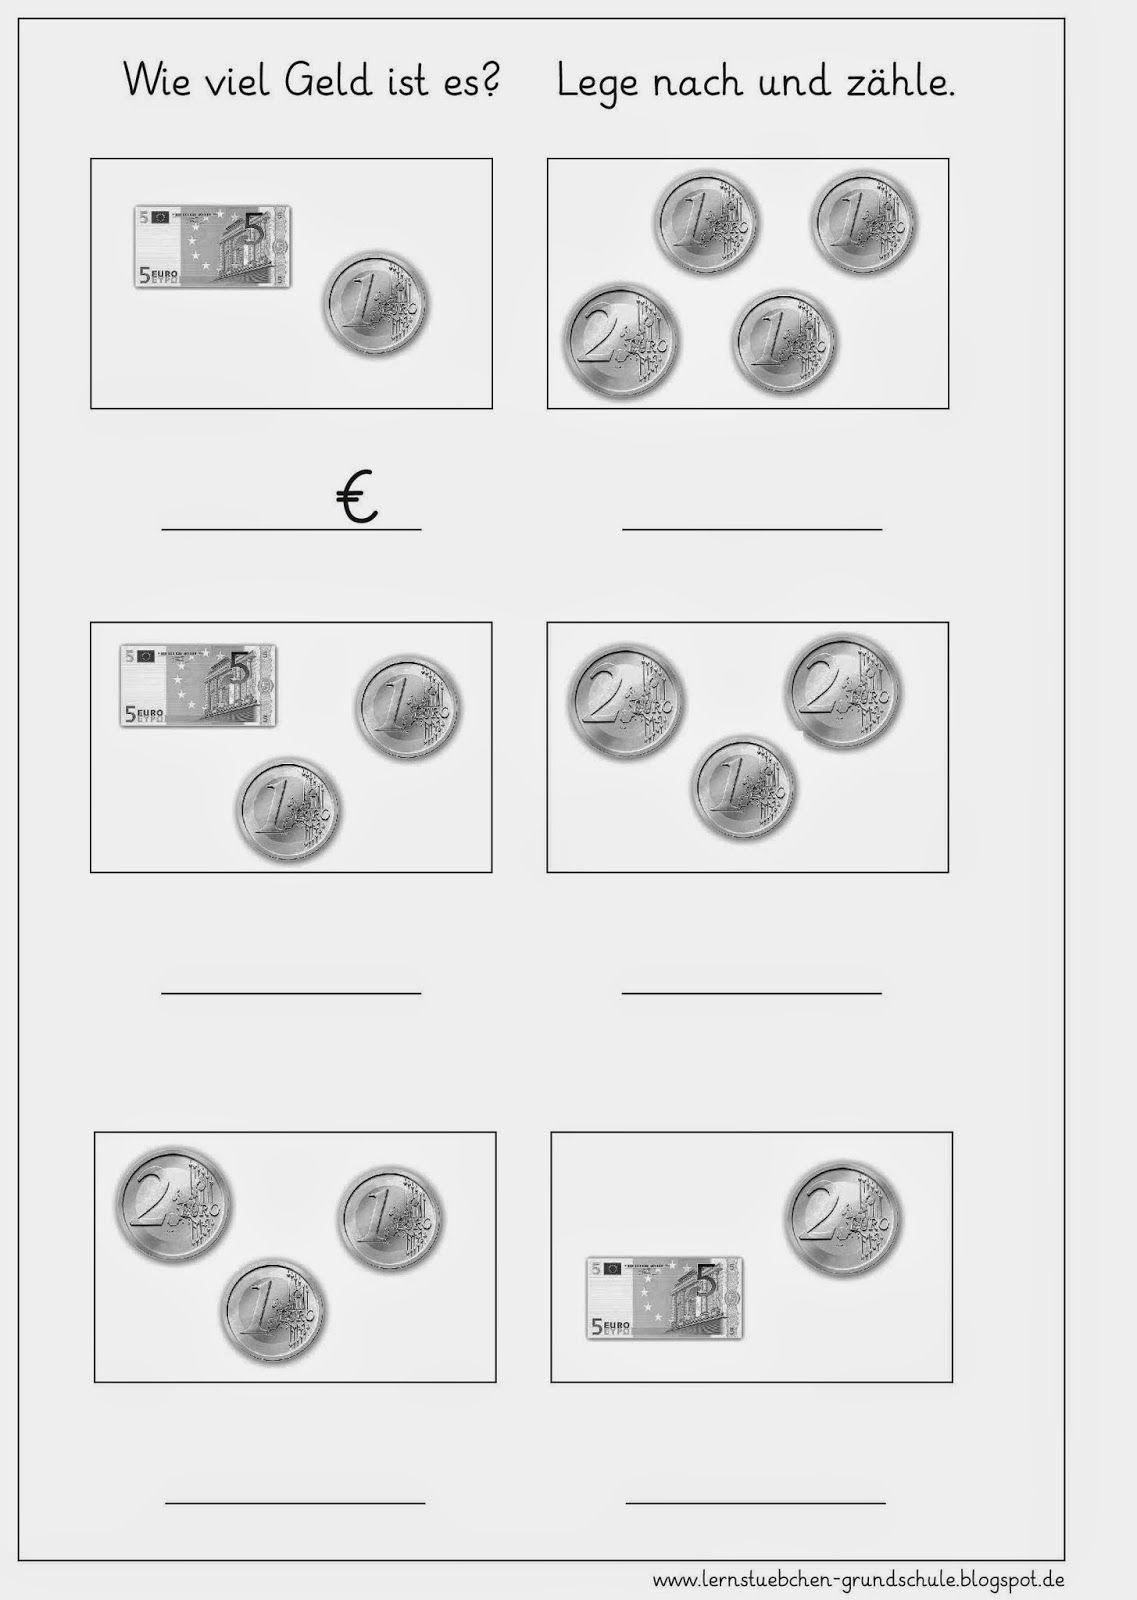 Lernstubchen Geldbetrage Legen Und Bestimmen